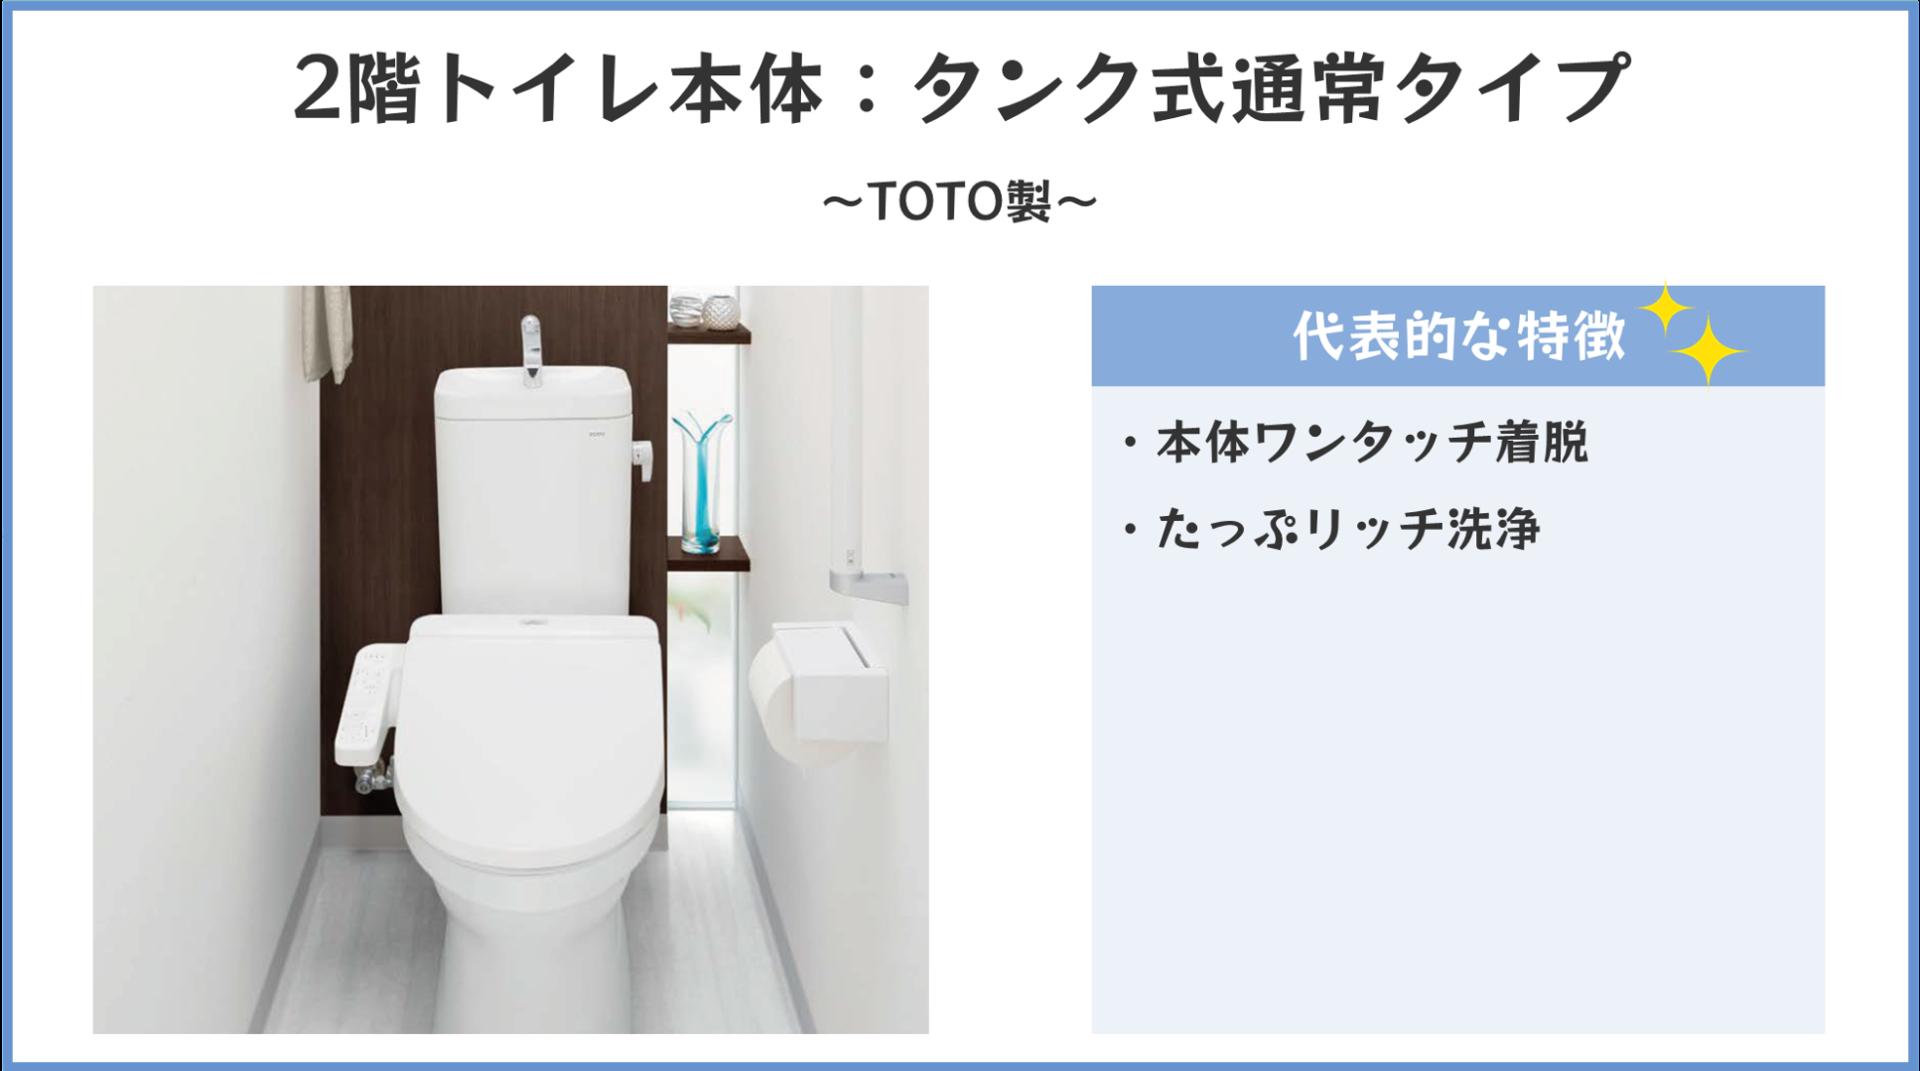 2階トイレ本体